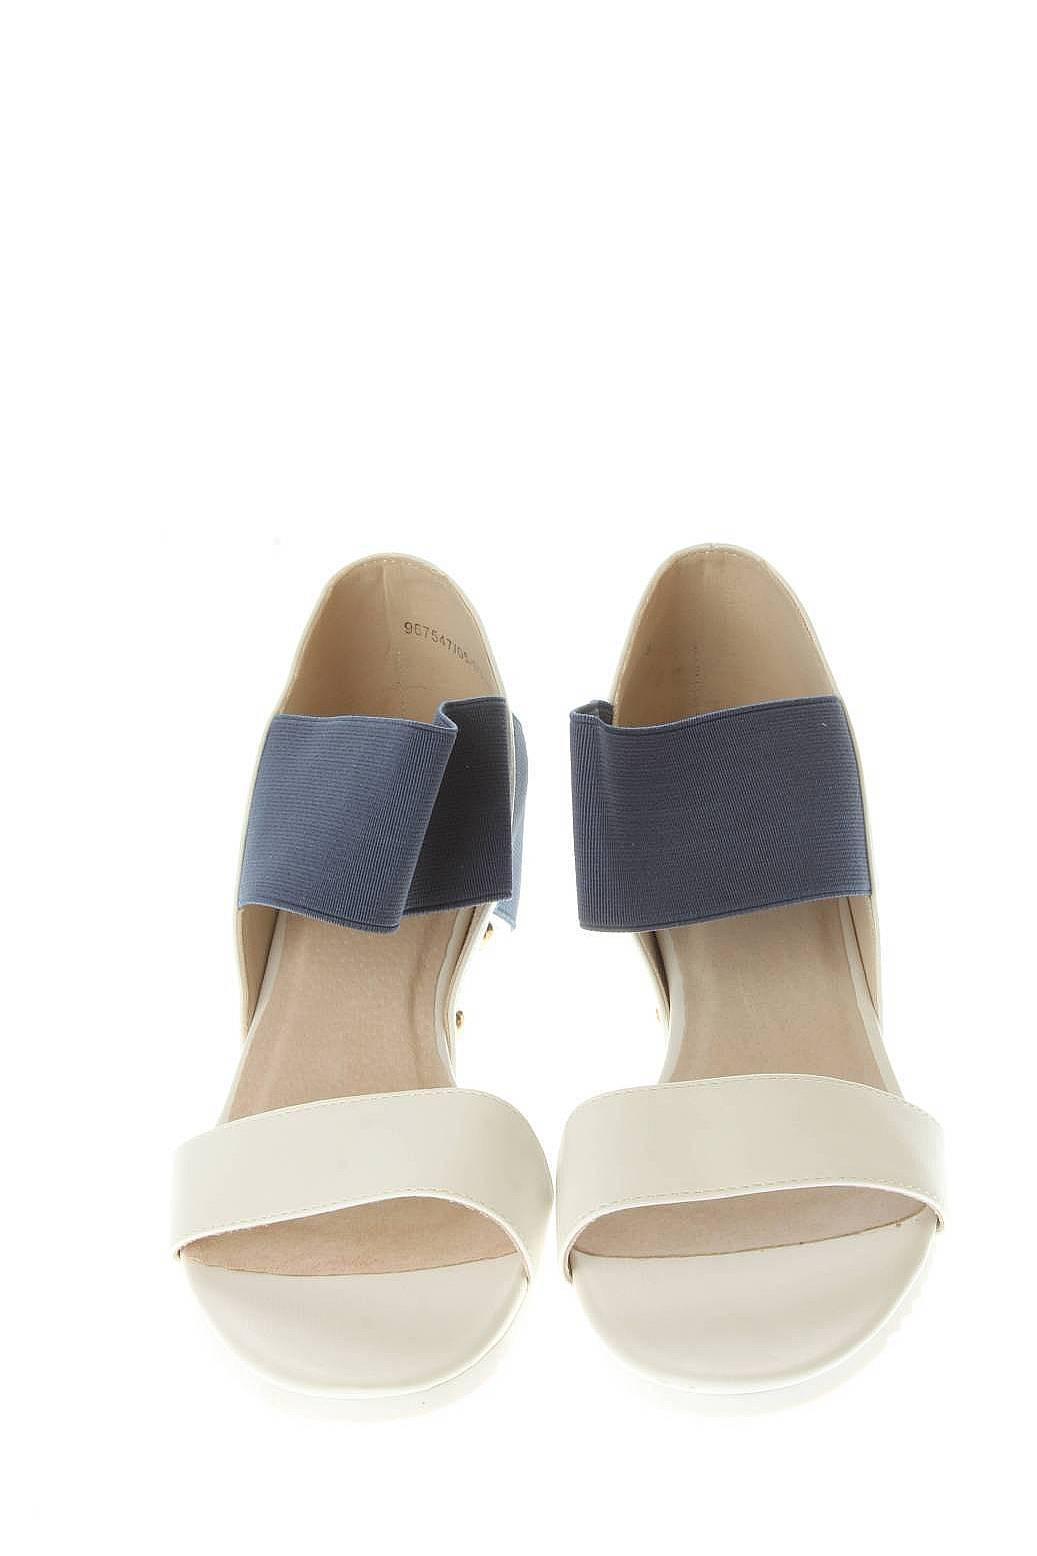 Мужская Обувь Детская Обувь Туфли Открытые: BETSY Обувь